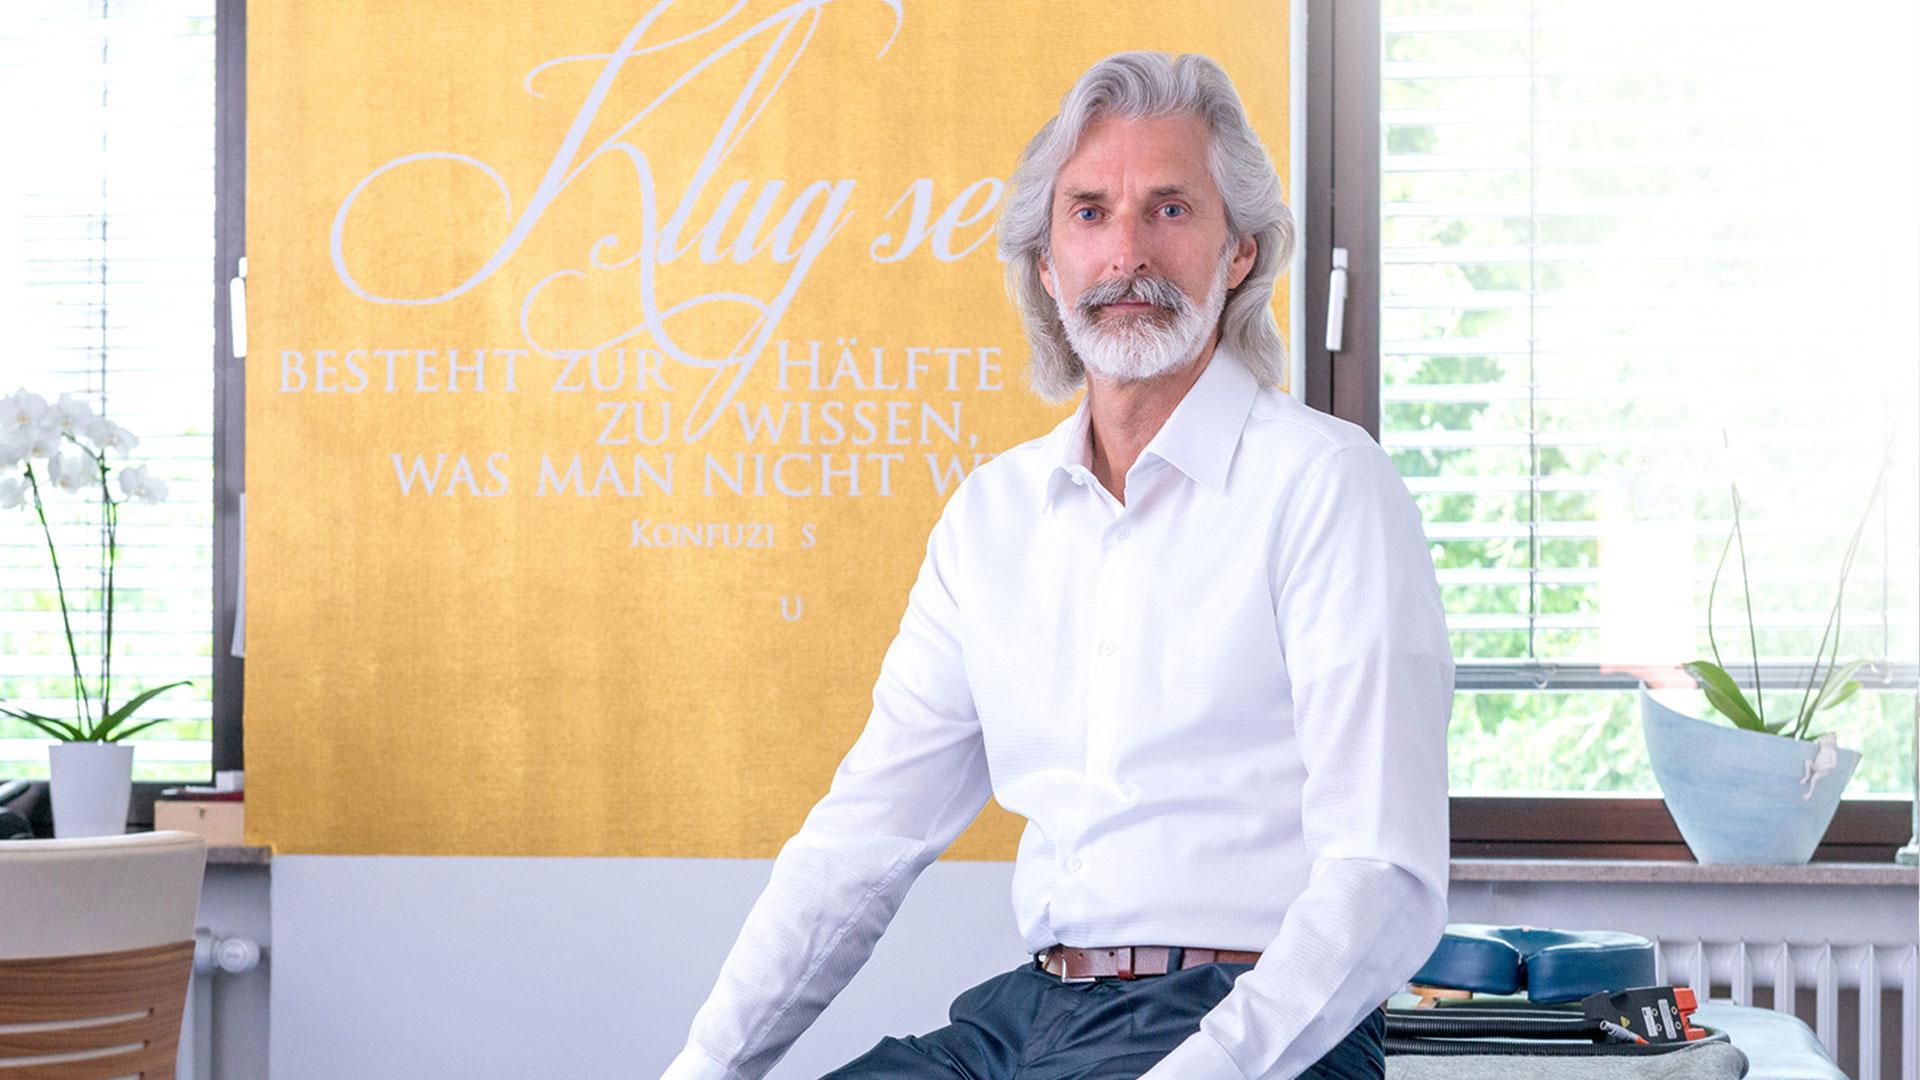 Joachim Schneider Naturheilpraxis Web